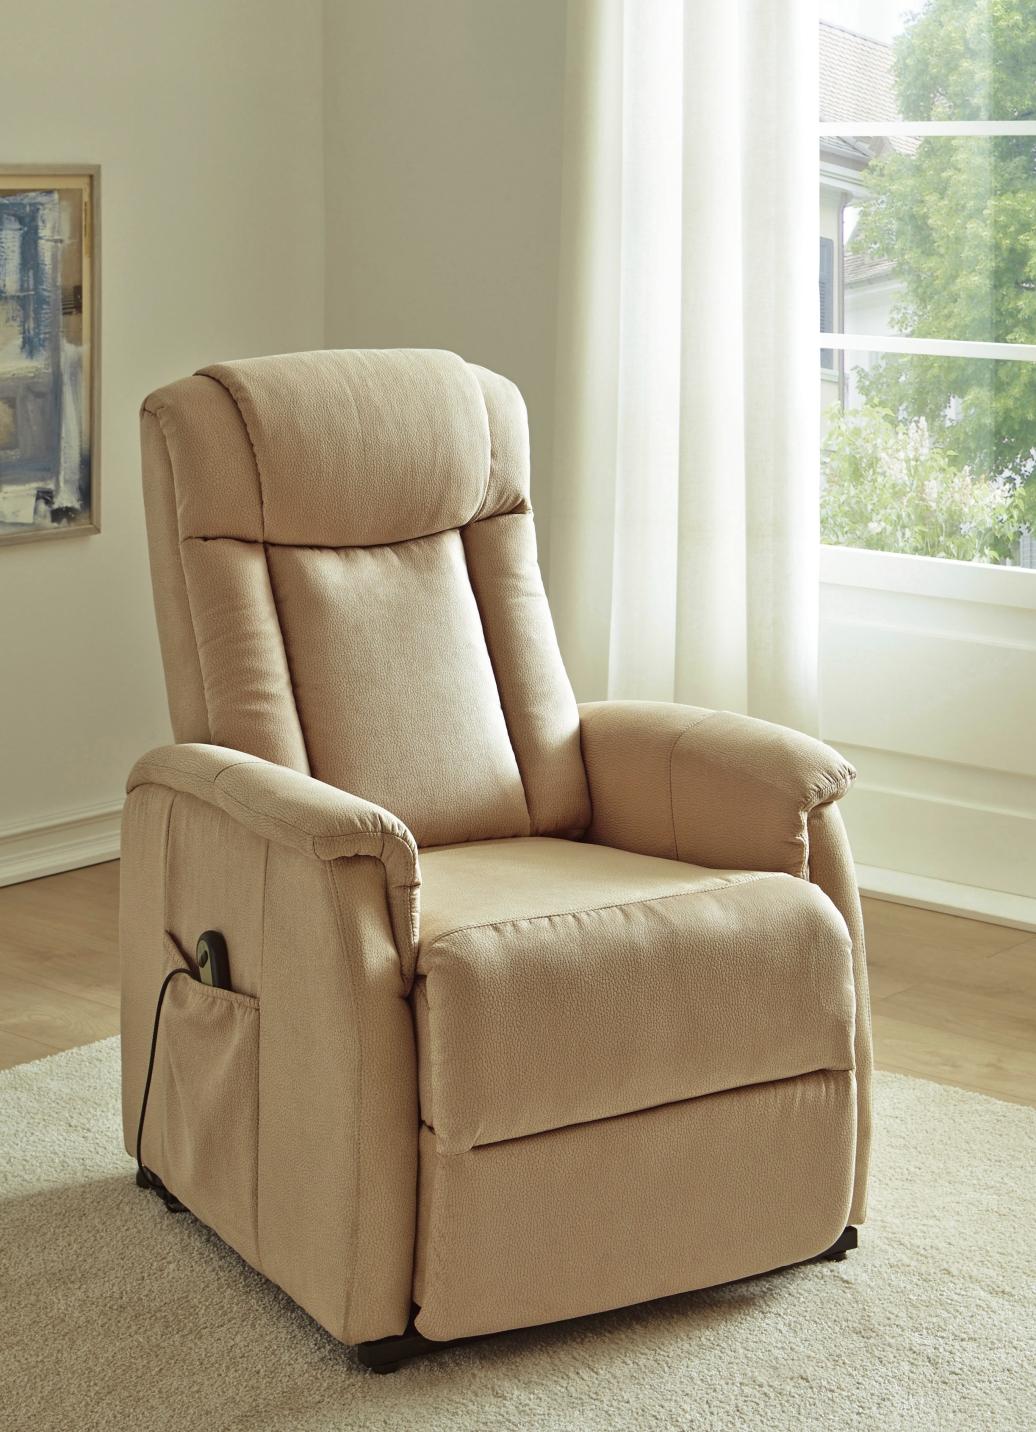 tv sessel mit motor und aufstehhilfe in verschiedene farben wohnzimmer brigitte st gallen. Black Bedroom Furniture Sets. Home Design Ideas